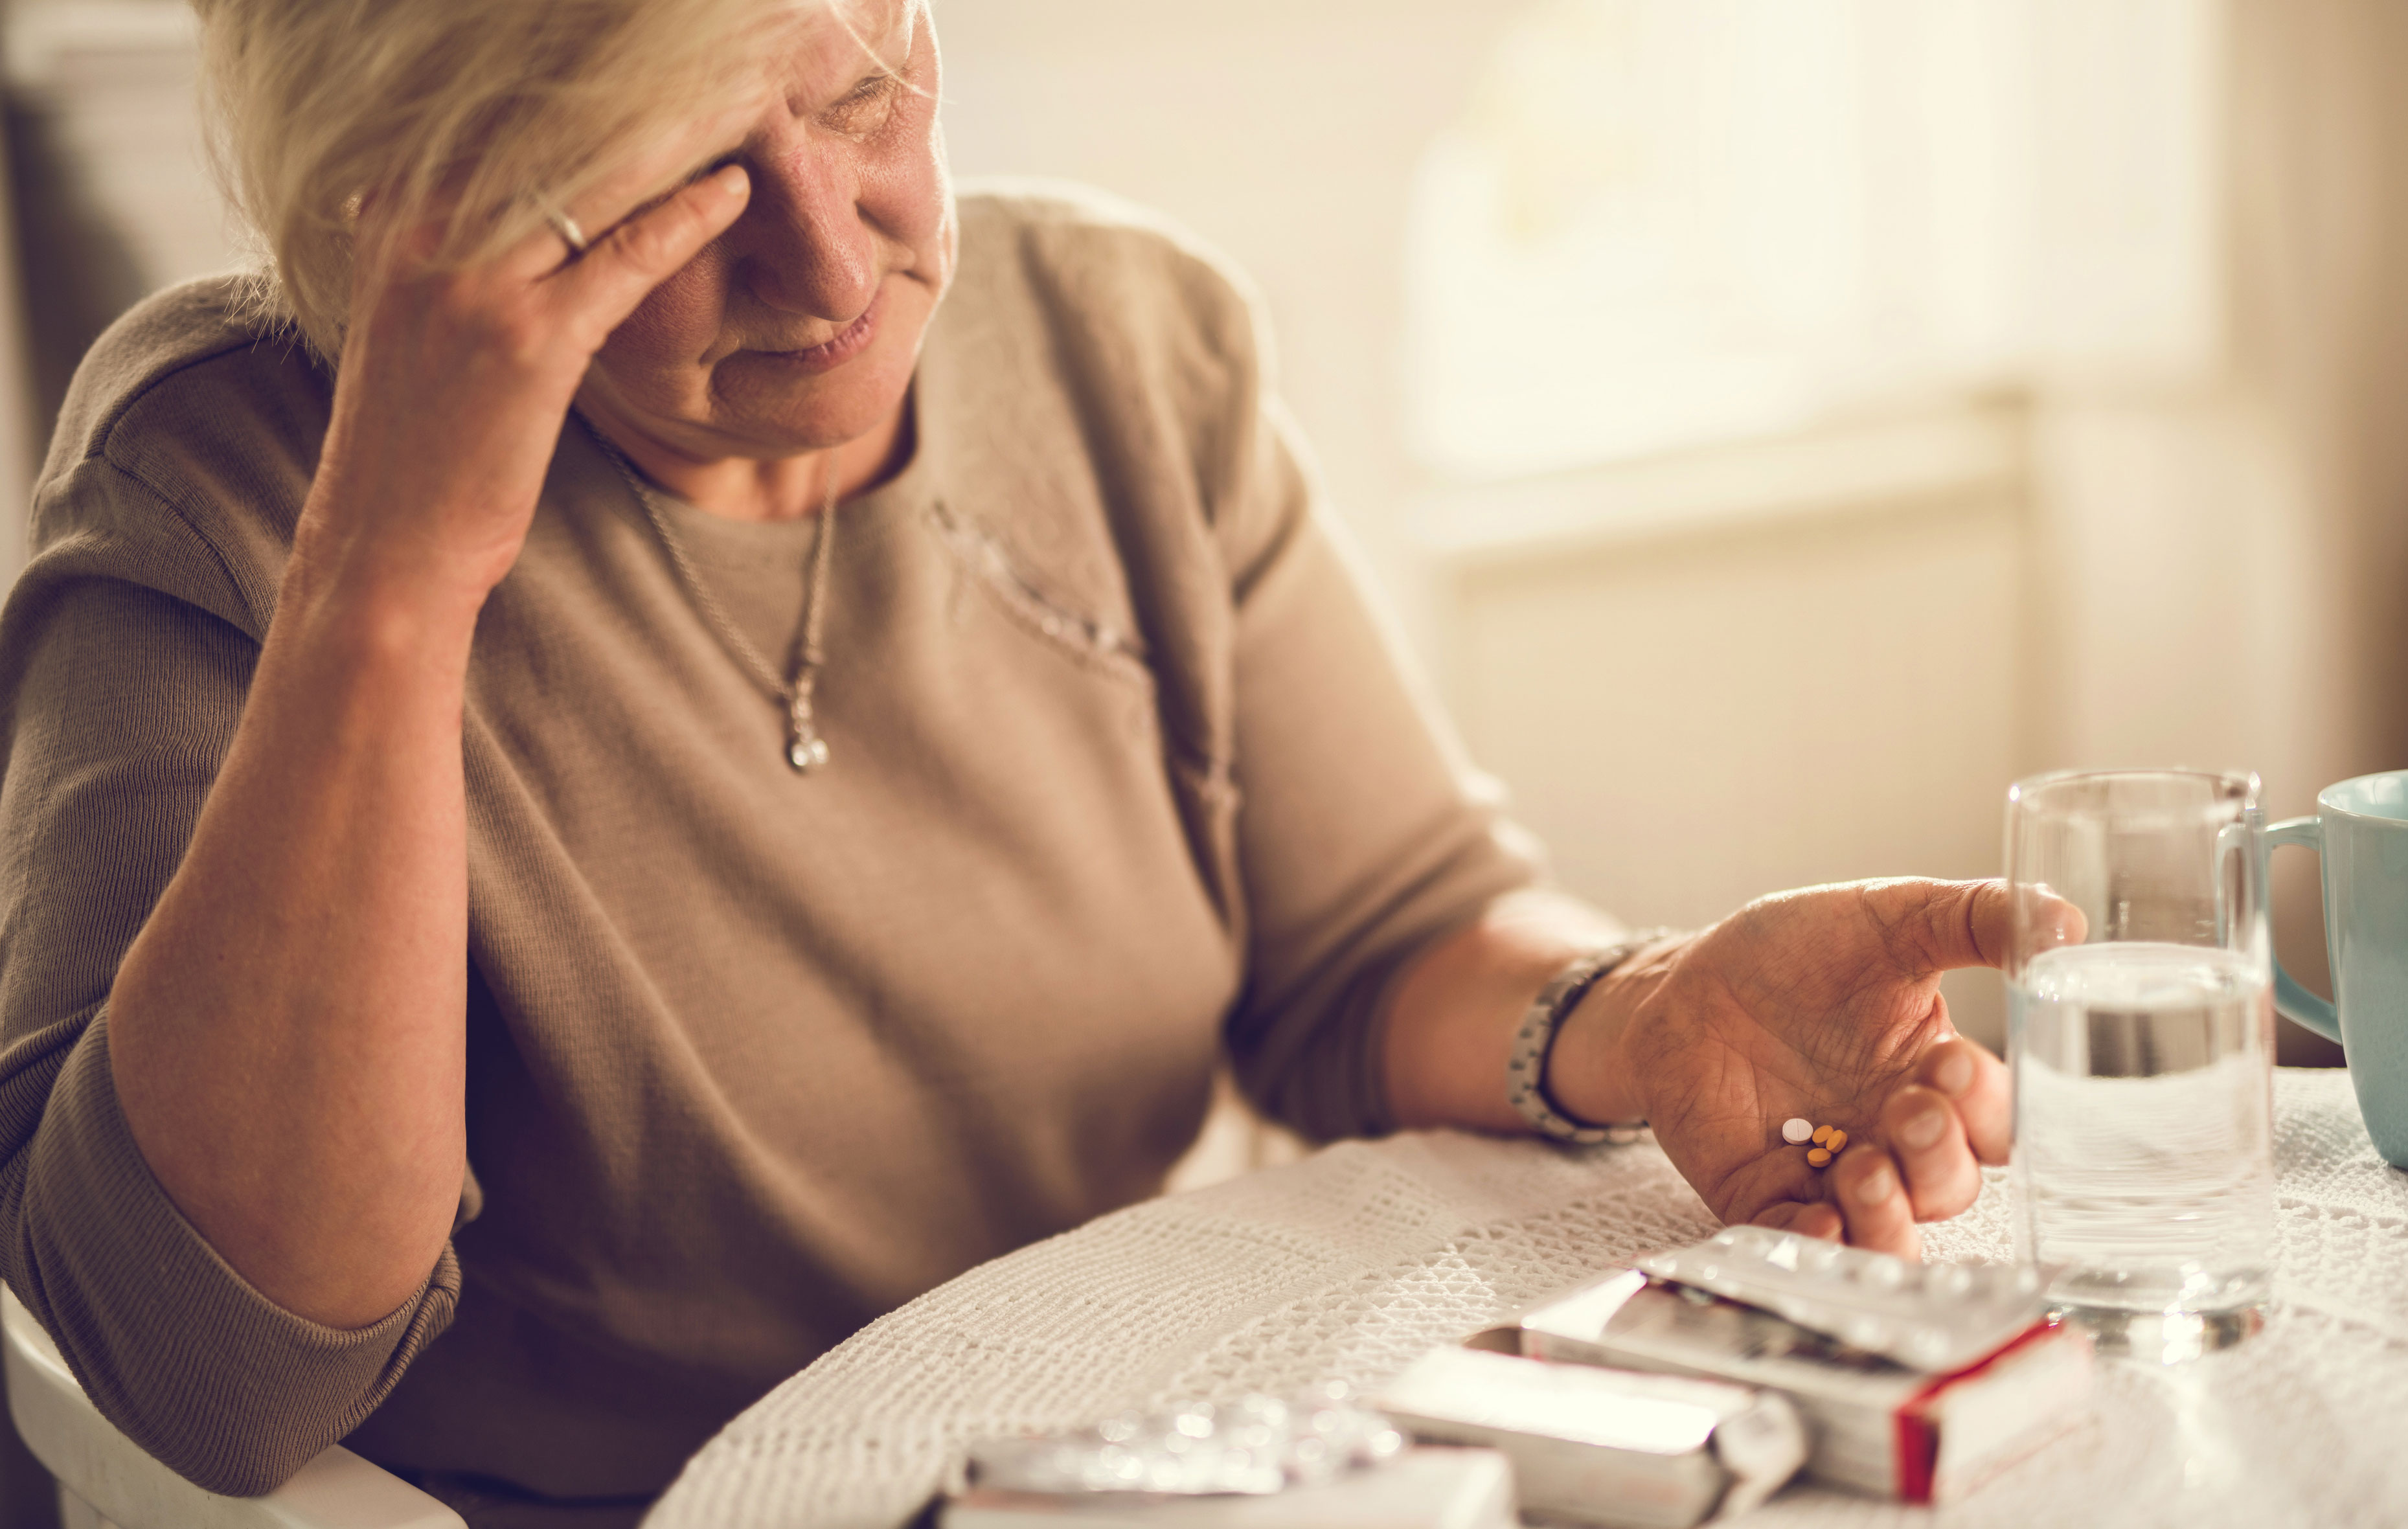 vanhus lääkkeet kädessä